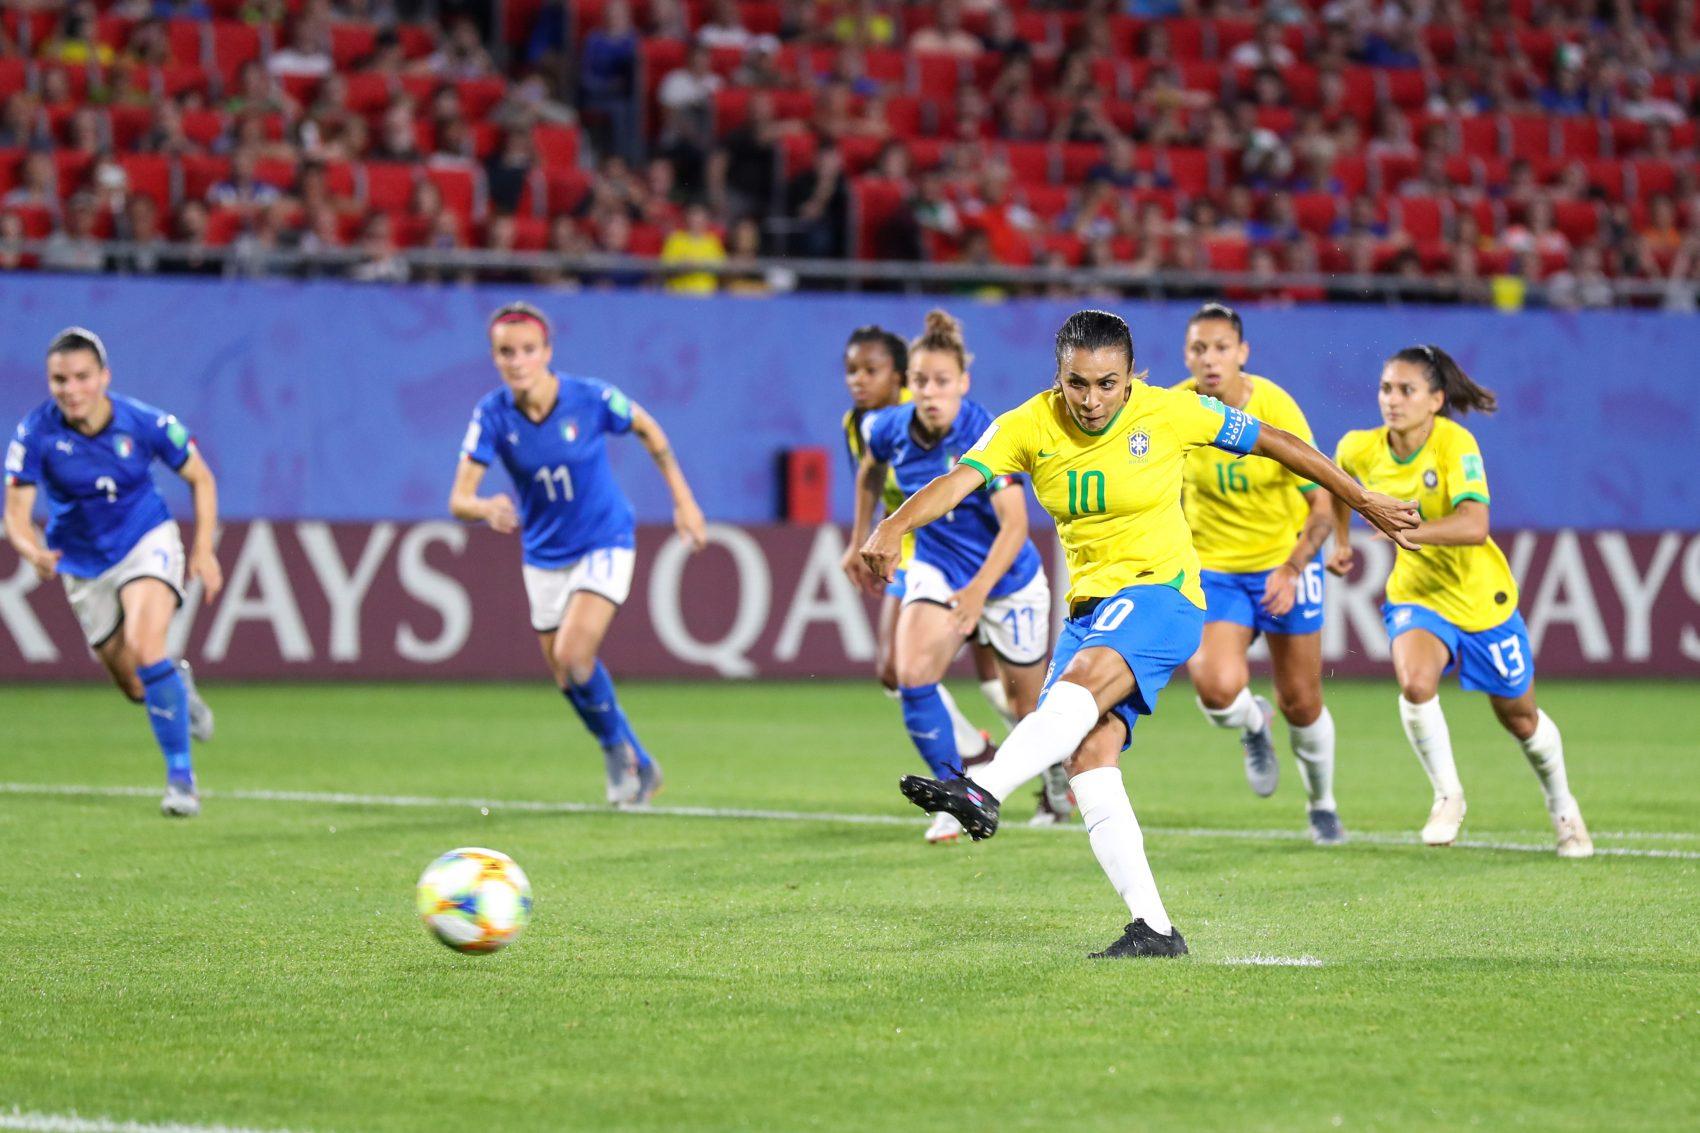 Marta bate o pênalti do recorde: 18 gols em Copa, maior número entre homens e mulheres. Foto de Vanessa Carvalho (Brazil Photo Press)